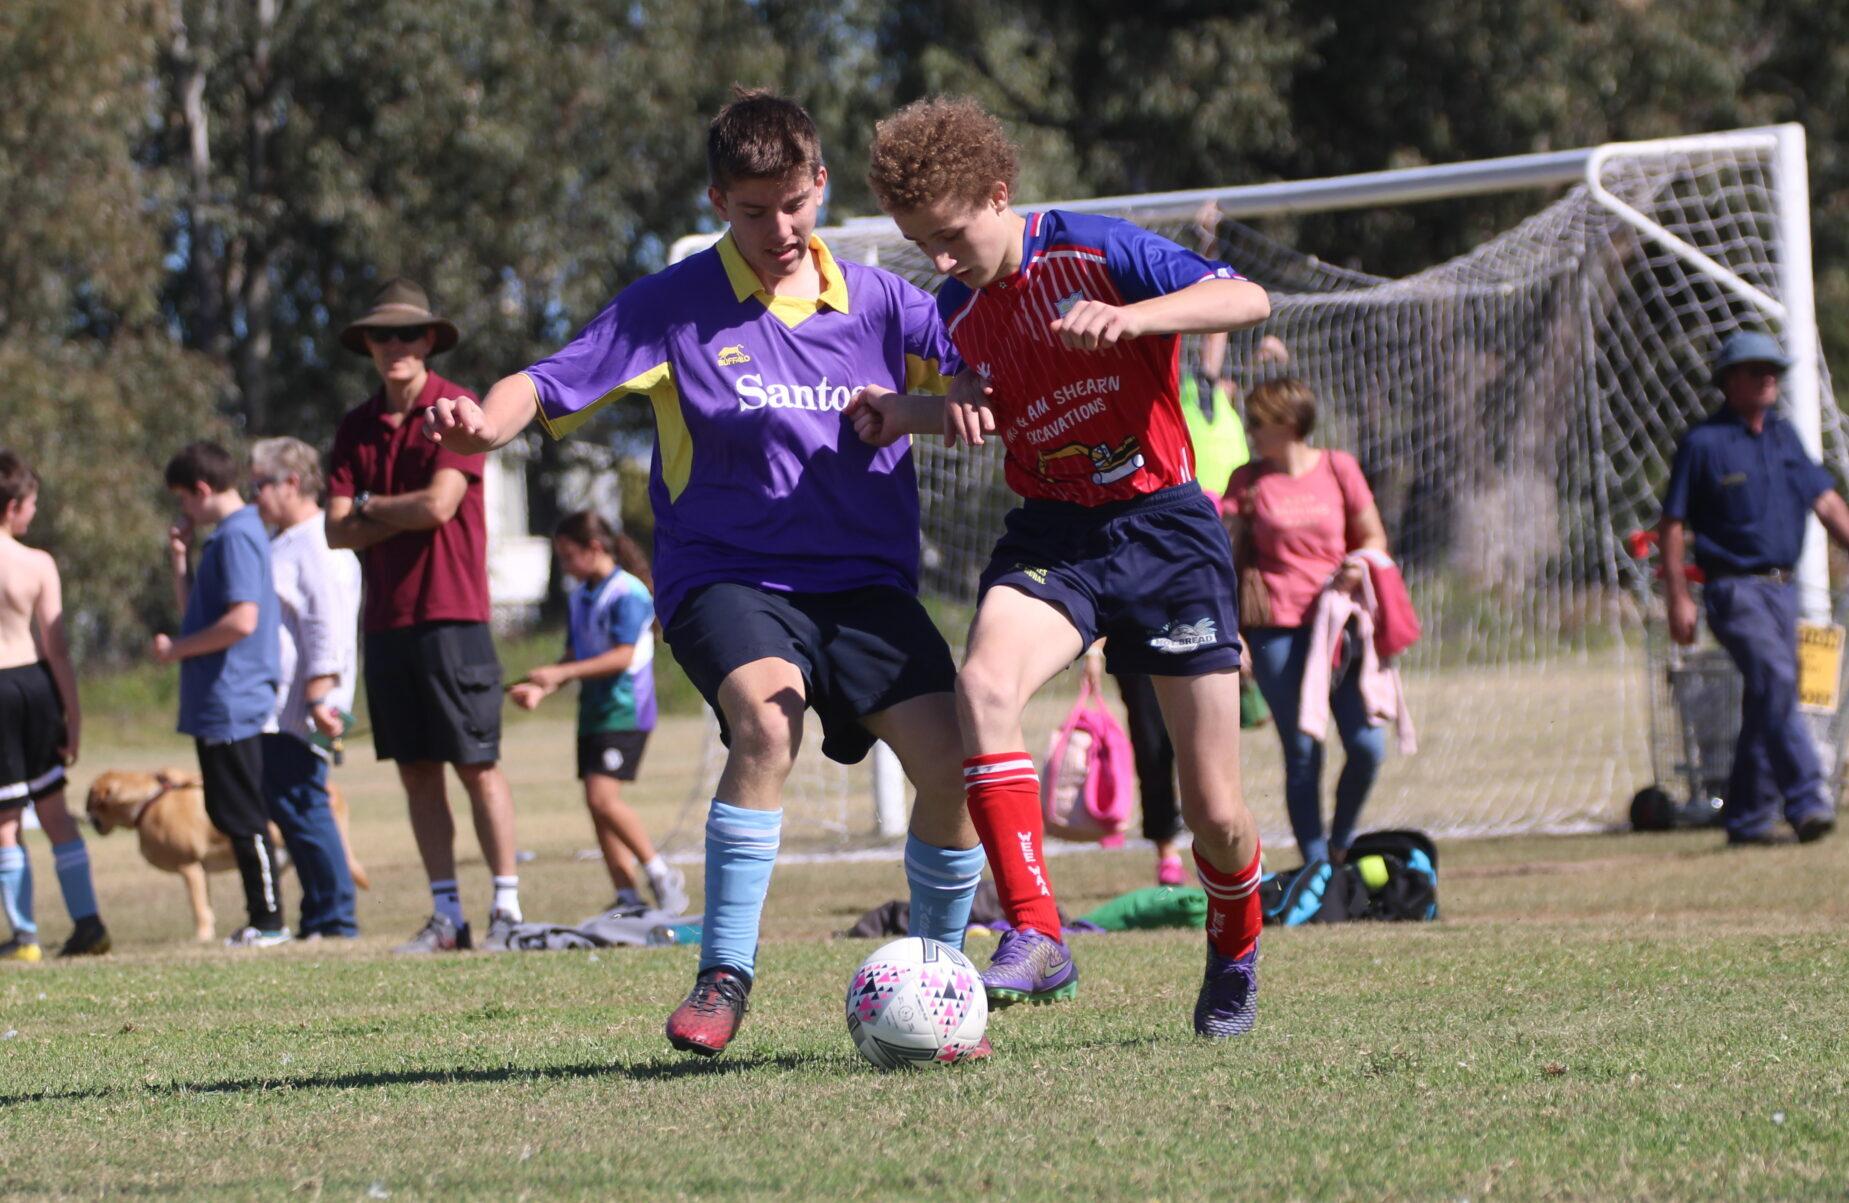 Narrabri Junior Soccer registrations soar in 2021 as season kicks off